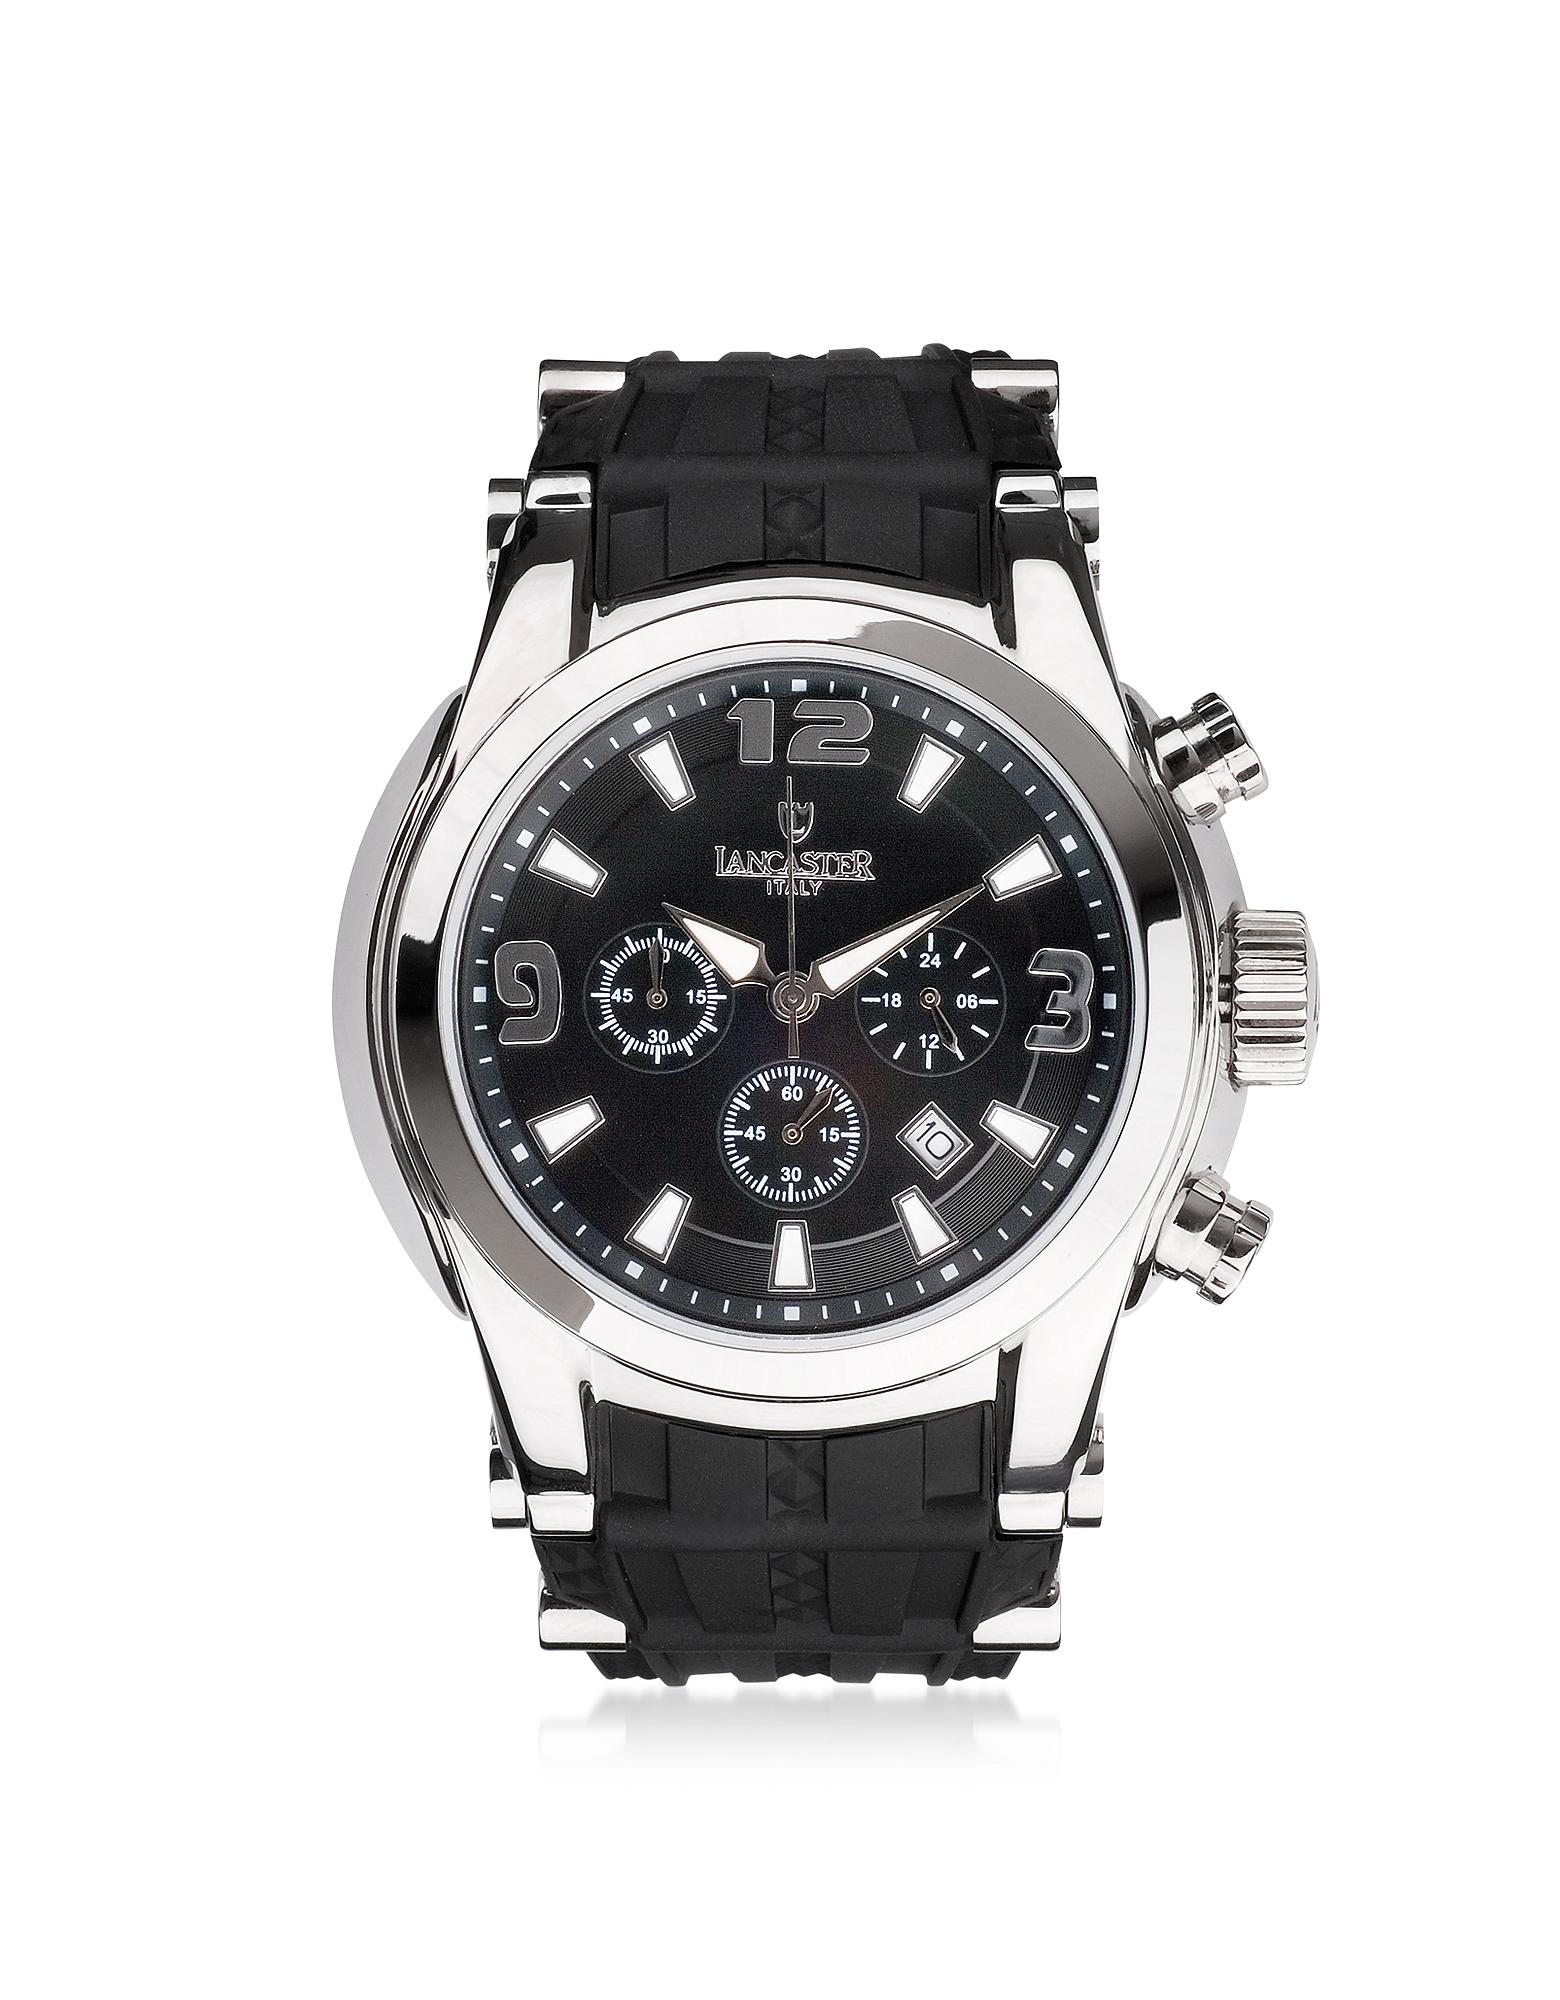 Bongo - Мужские Часы Хронограф из Серебристой Нержавеющей Стали на Черном Резиновом Ремешке